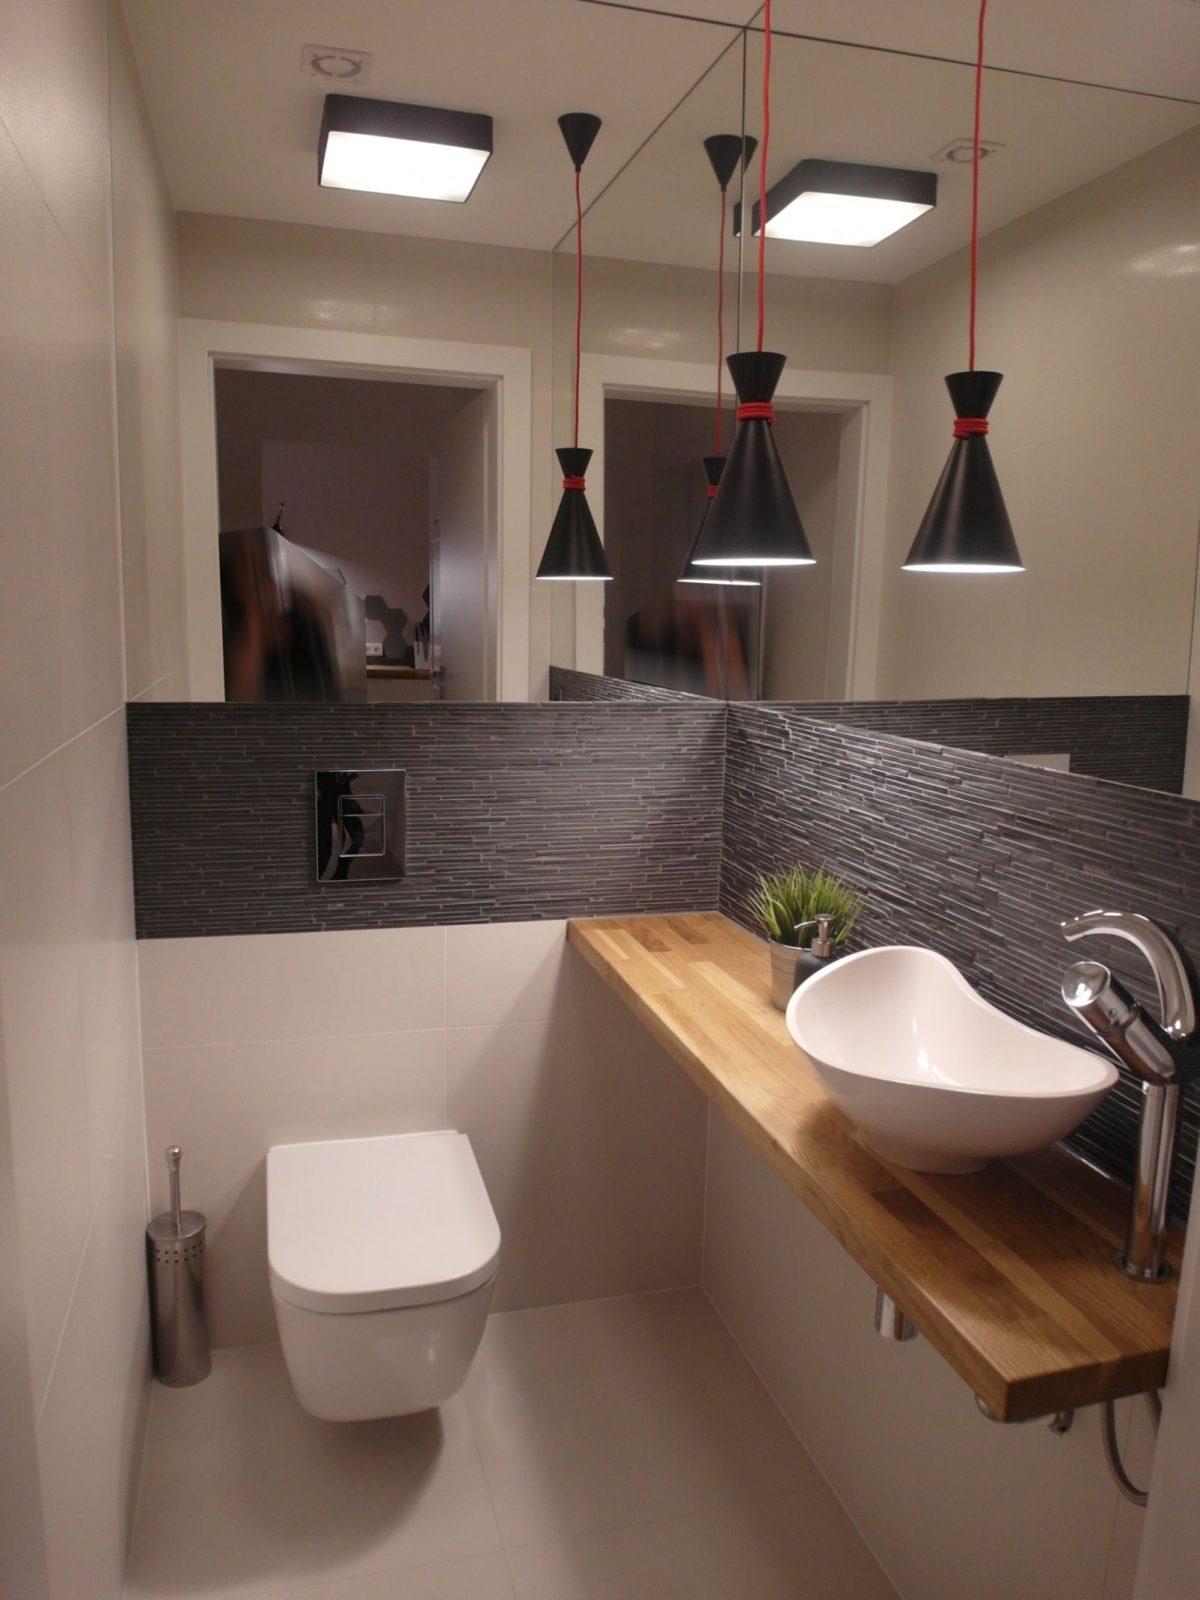 Bad Gäste Toilette Modern Wohnen Hausbau  Wohnenhausbaugarten von Gäste Wc Ideen Modern Photo